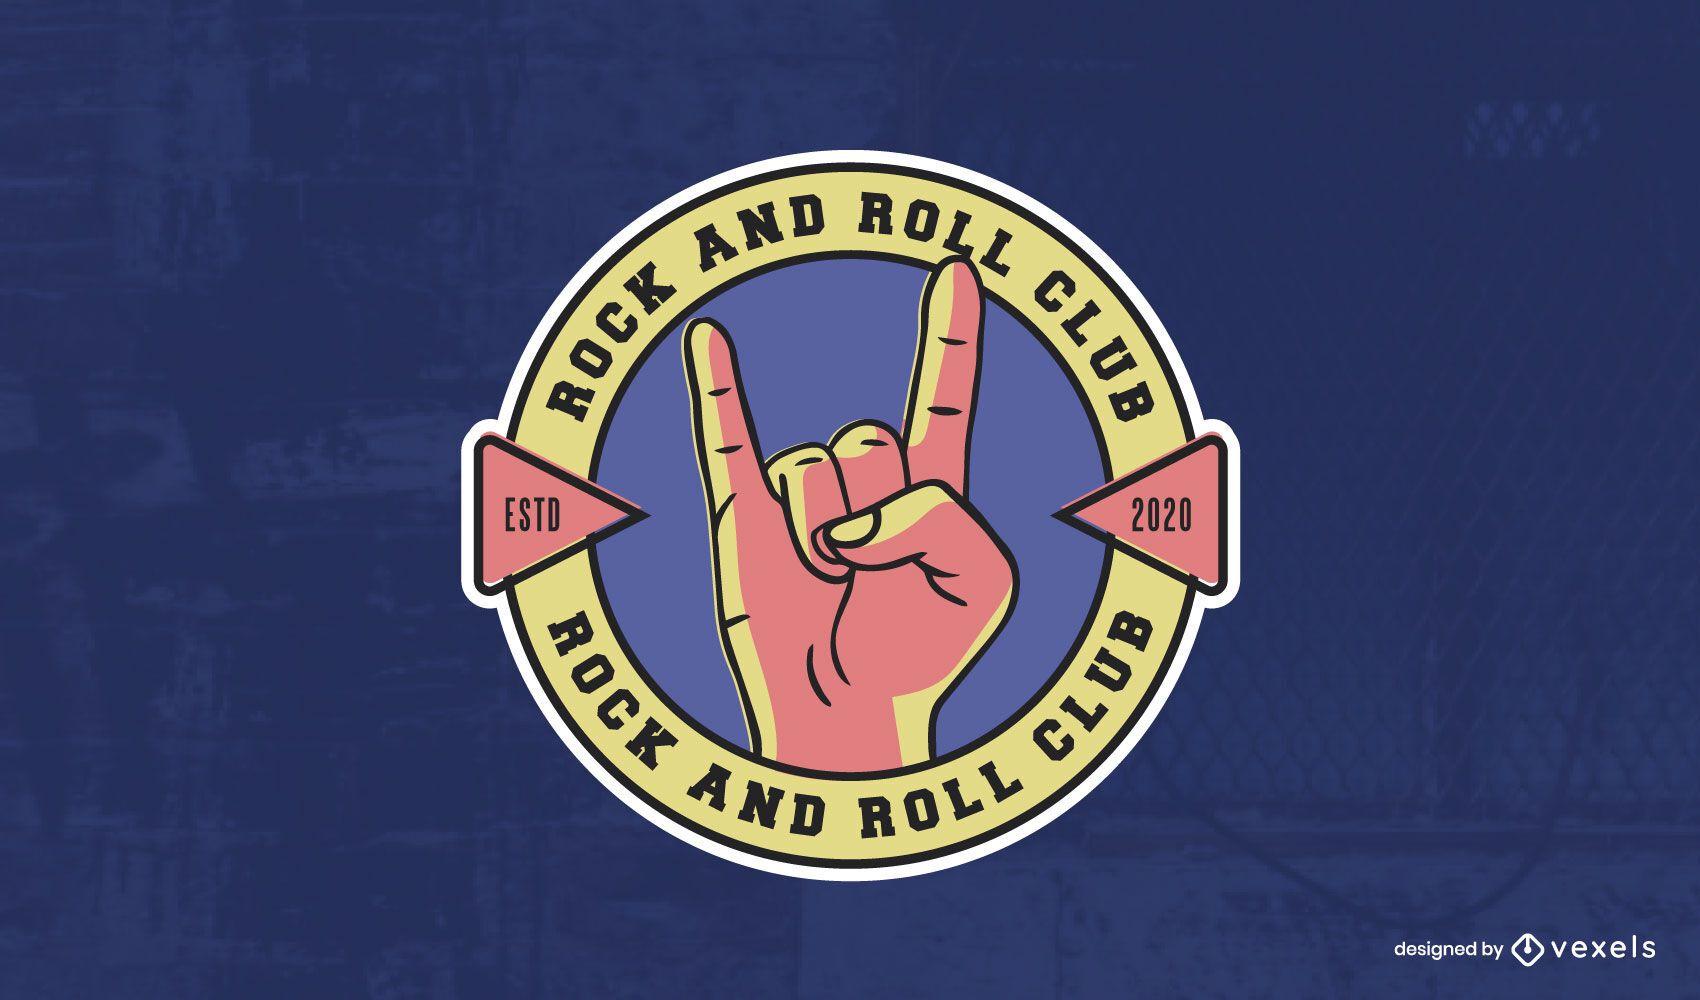 Modelo de logotipo do clube de rock and roll